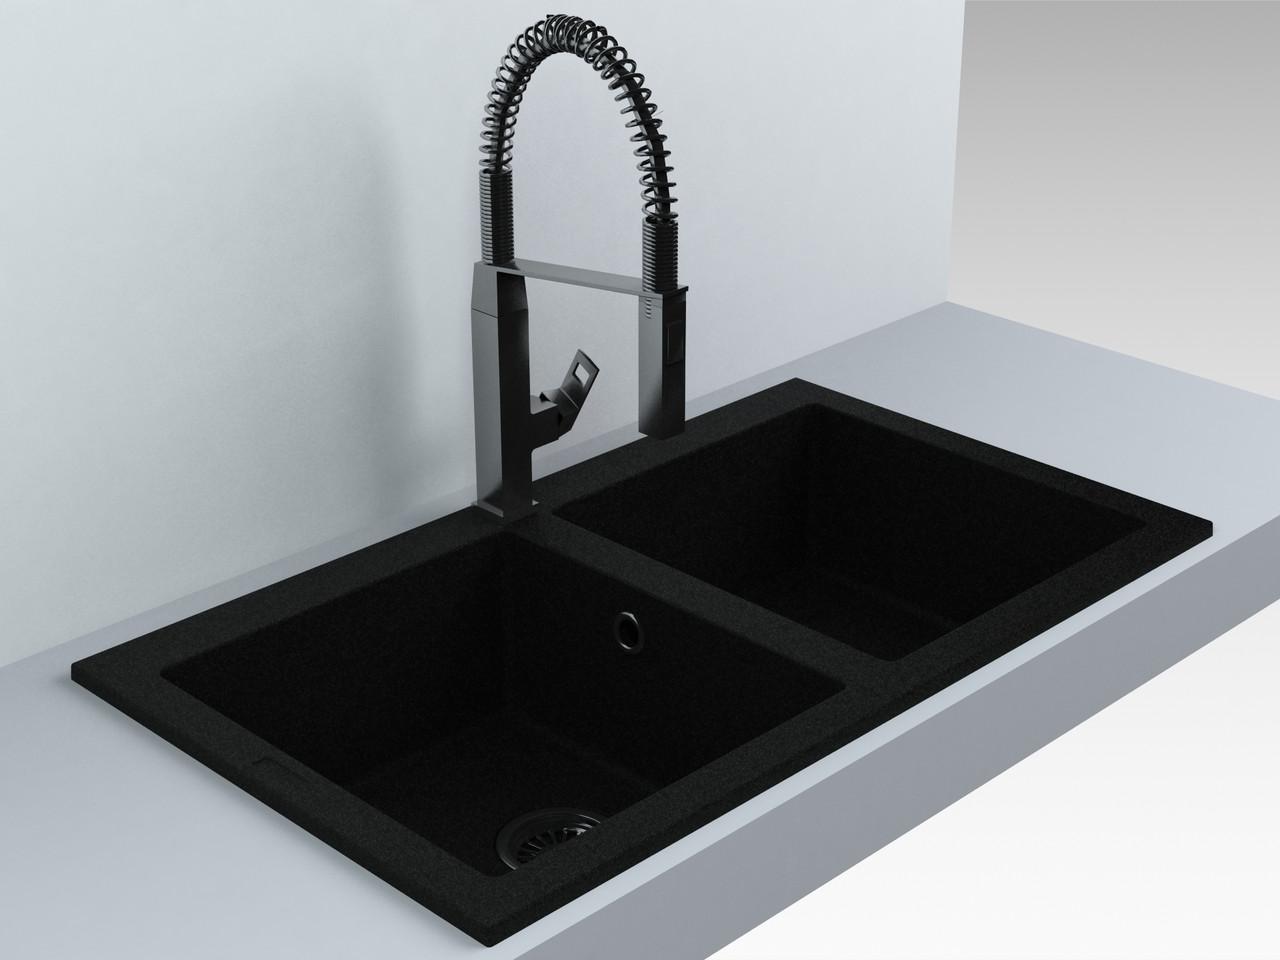 Мойка кухонная 2 чаши кварц (870х500х180 мм) Miraggio WESTEROS (черный)